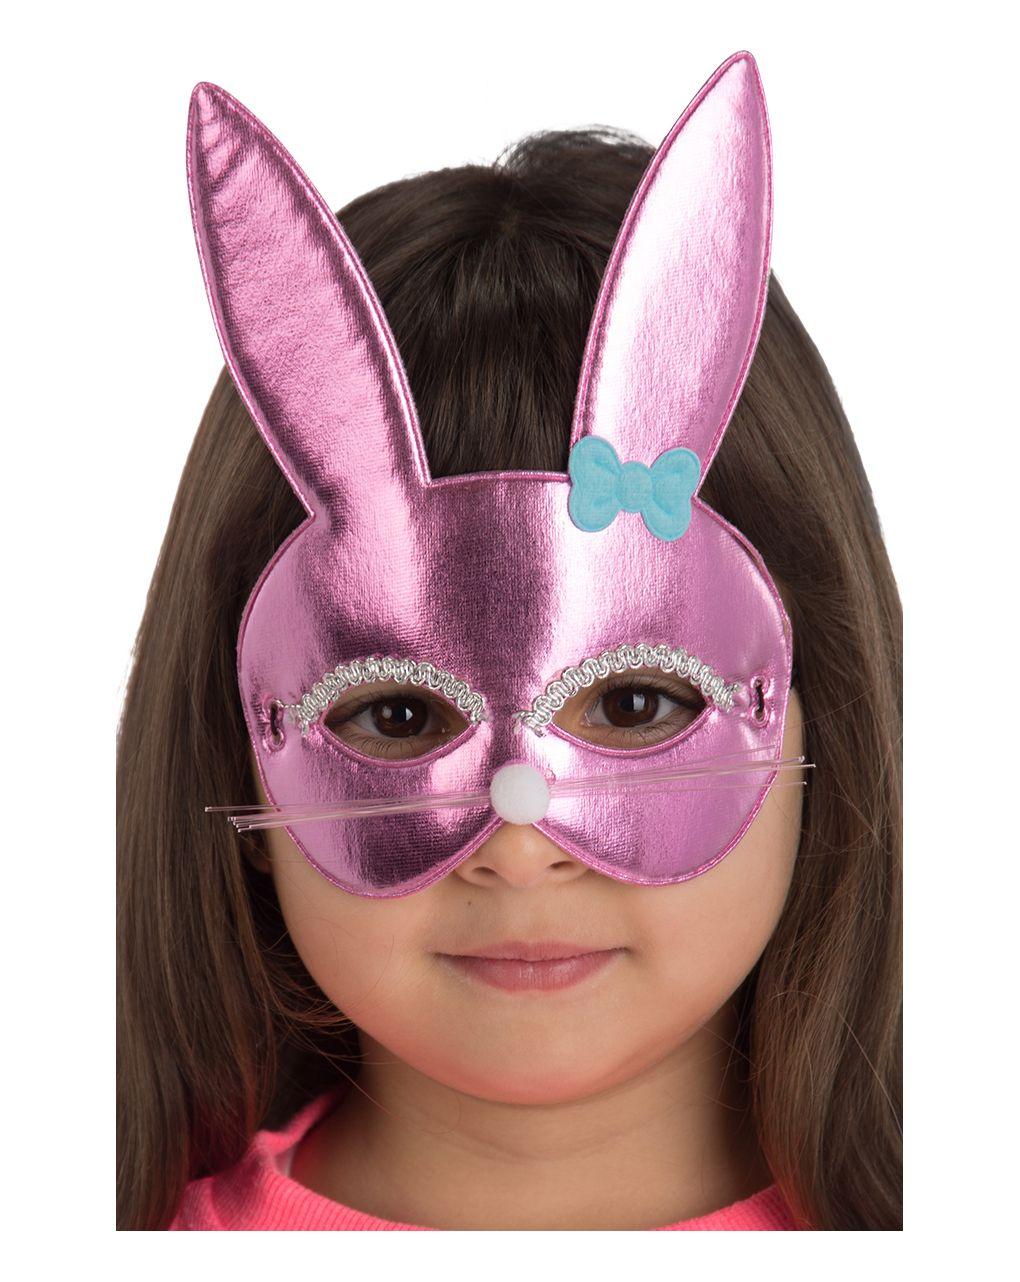 Maschera coniglietta rosa bimba in tessuto metallizzato - Carnival Toys